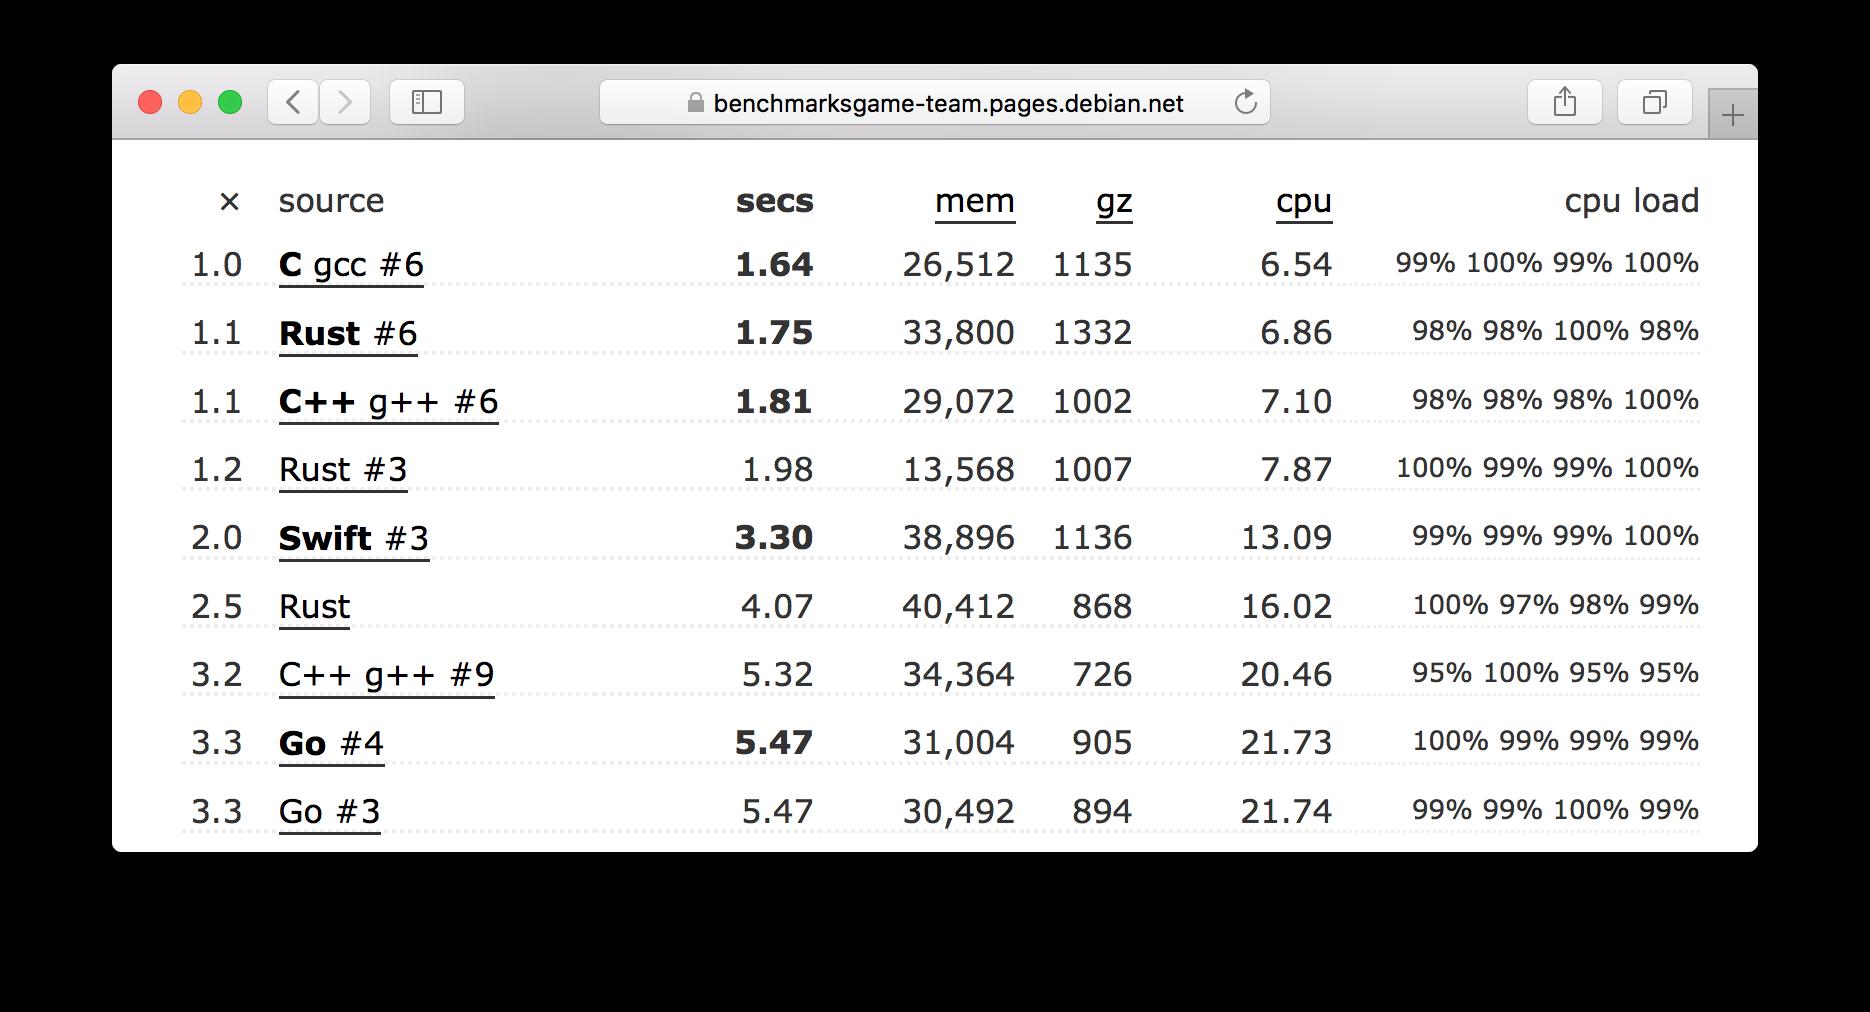 список реультатов для других языков. Скриншот с того же сайта